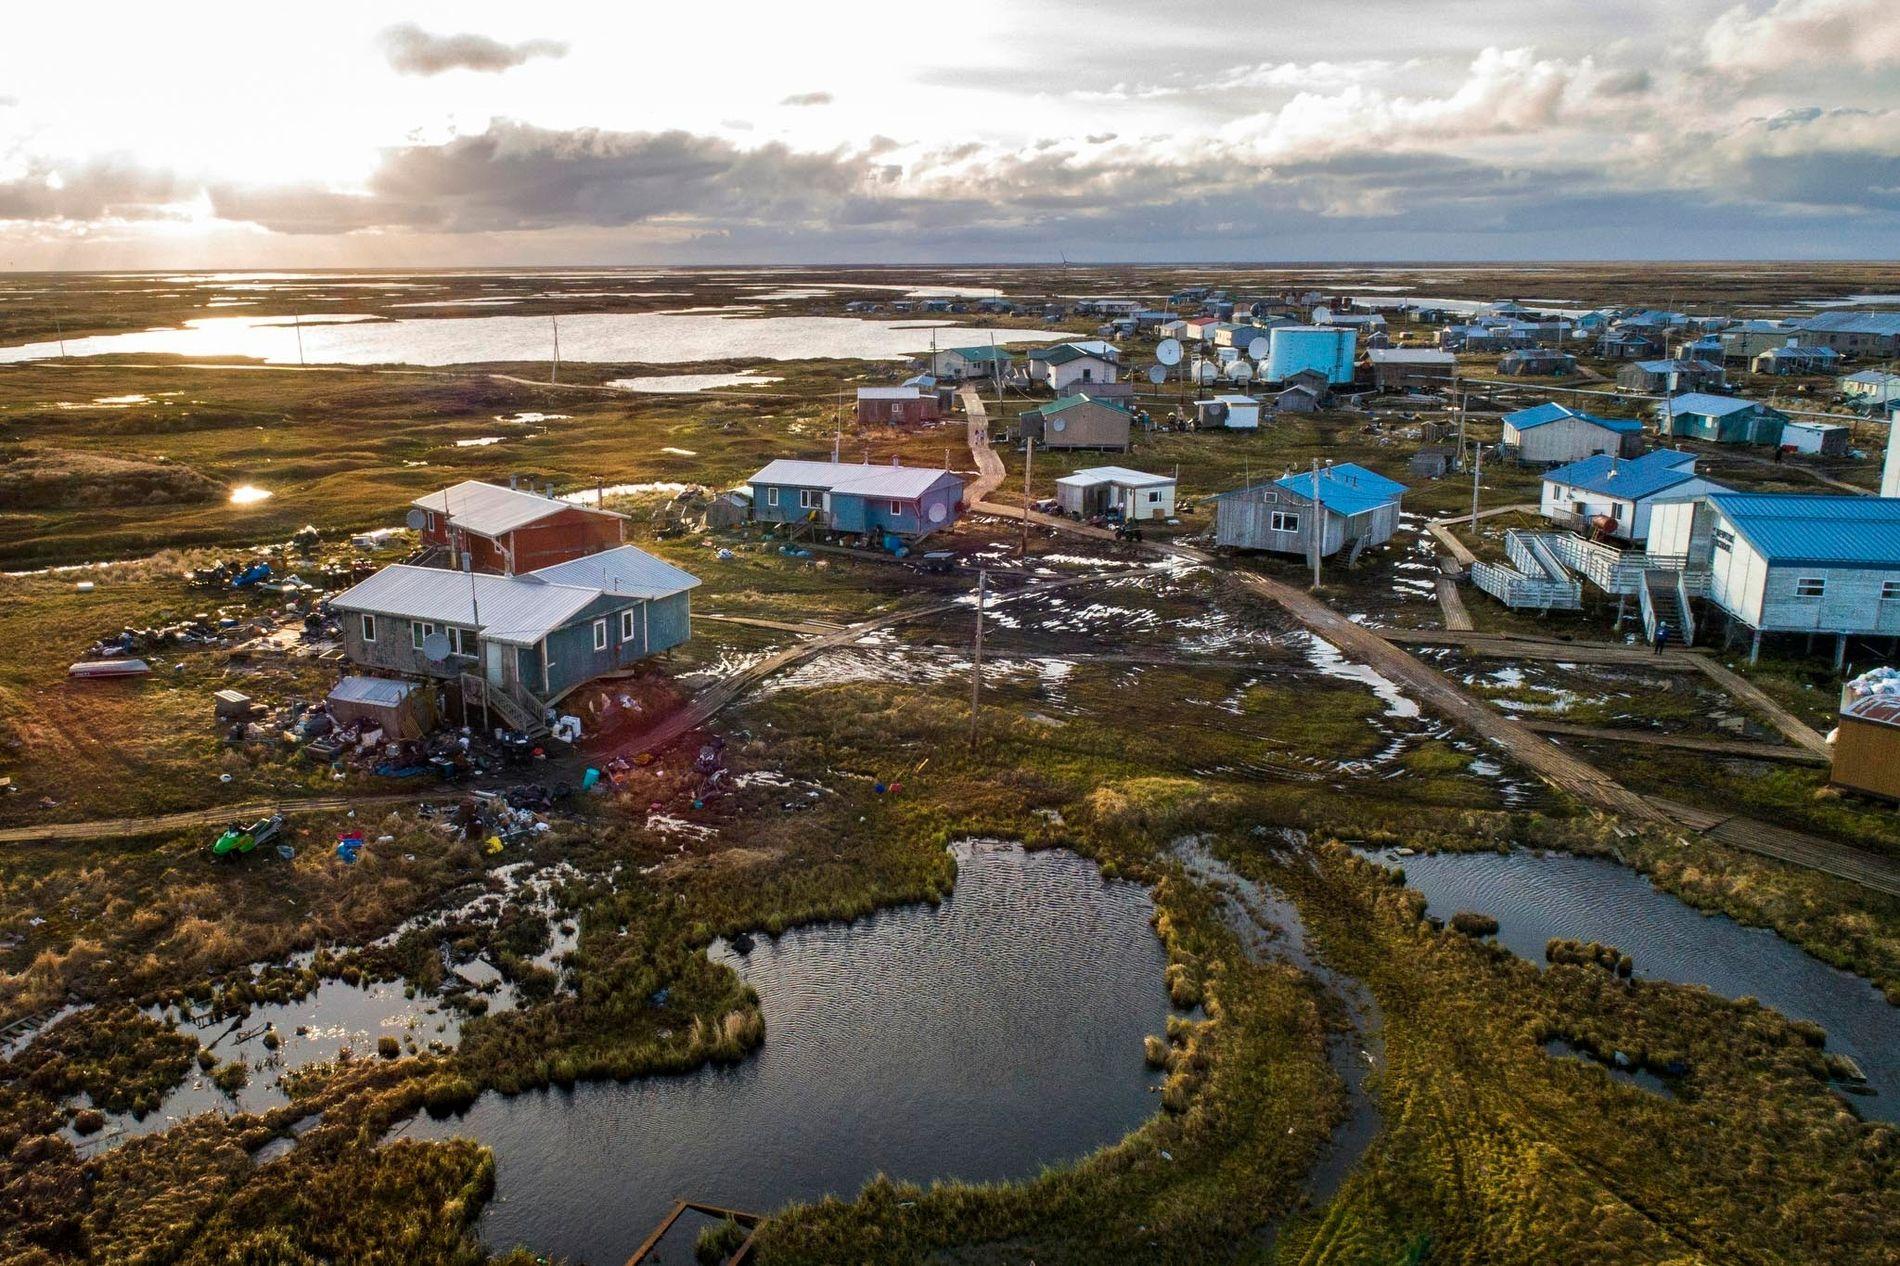 A aldeia de Newtok, no Alasca, é ladeada pelos rios Ninglik e Newtok. A aldeia, nesta imagem, está a afundar-se rapidamente devido ao clima quente, ao degelo do pergelissolo e à erosão. Newtok é a primeira comunidade do Alasca forçada a mudar-se devido aos efeitos das alterações climáticas – tornando-se pioneira num processo que muitas outras vilas e aldeias do Alasca poderão em breve ser forçadas a seguir.